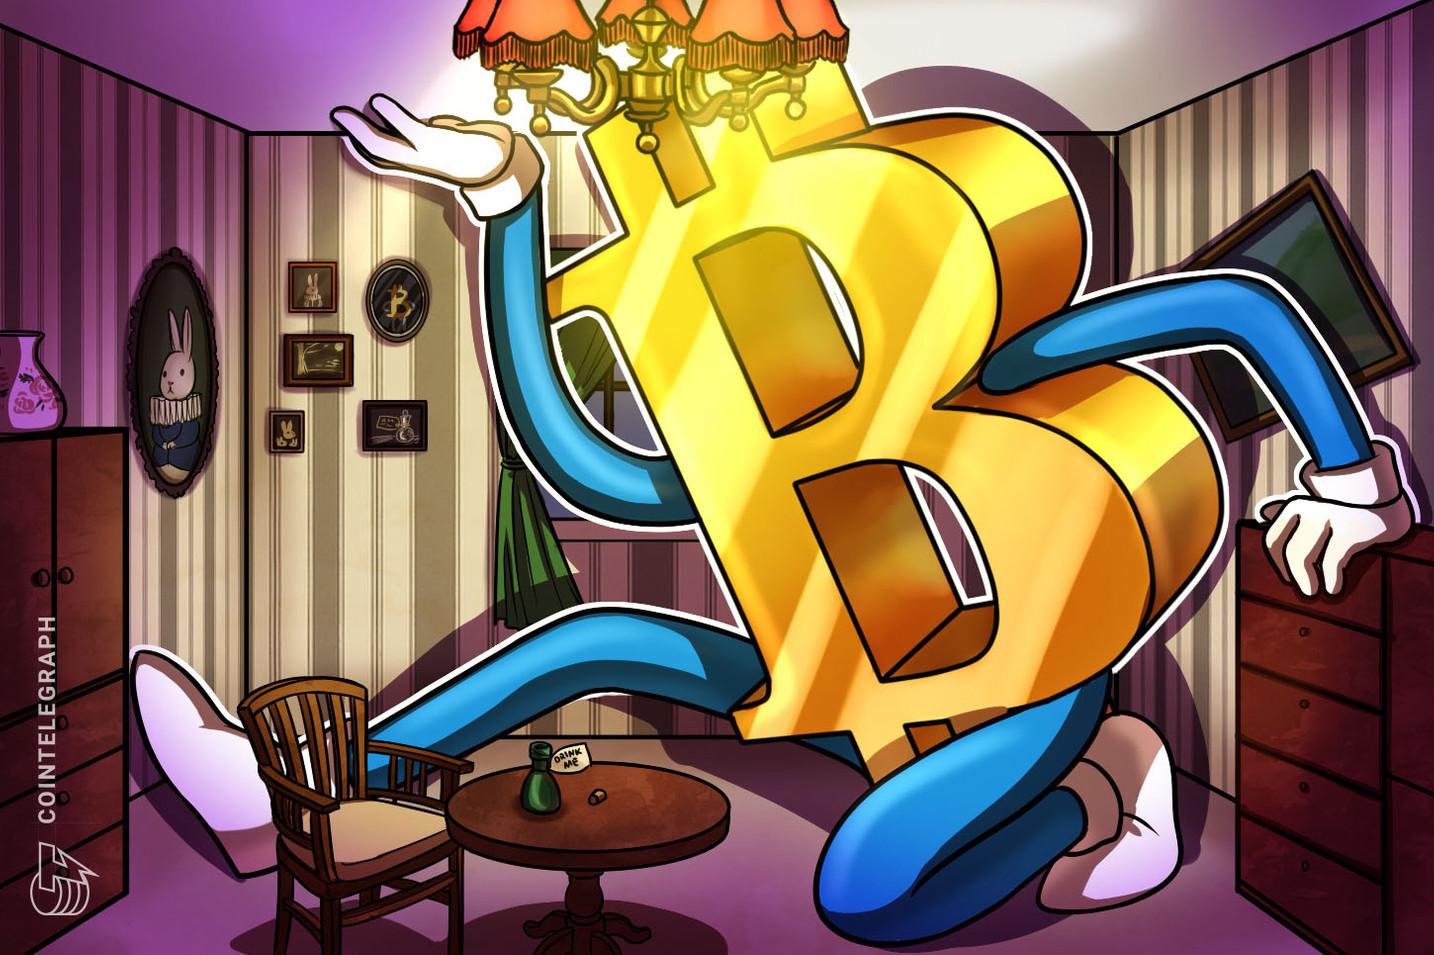 Il rialzo di Bitcoin più 'organico' da anni: trader spiega perché un blow-off top è improbabile